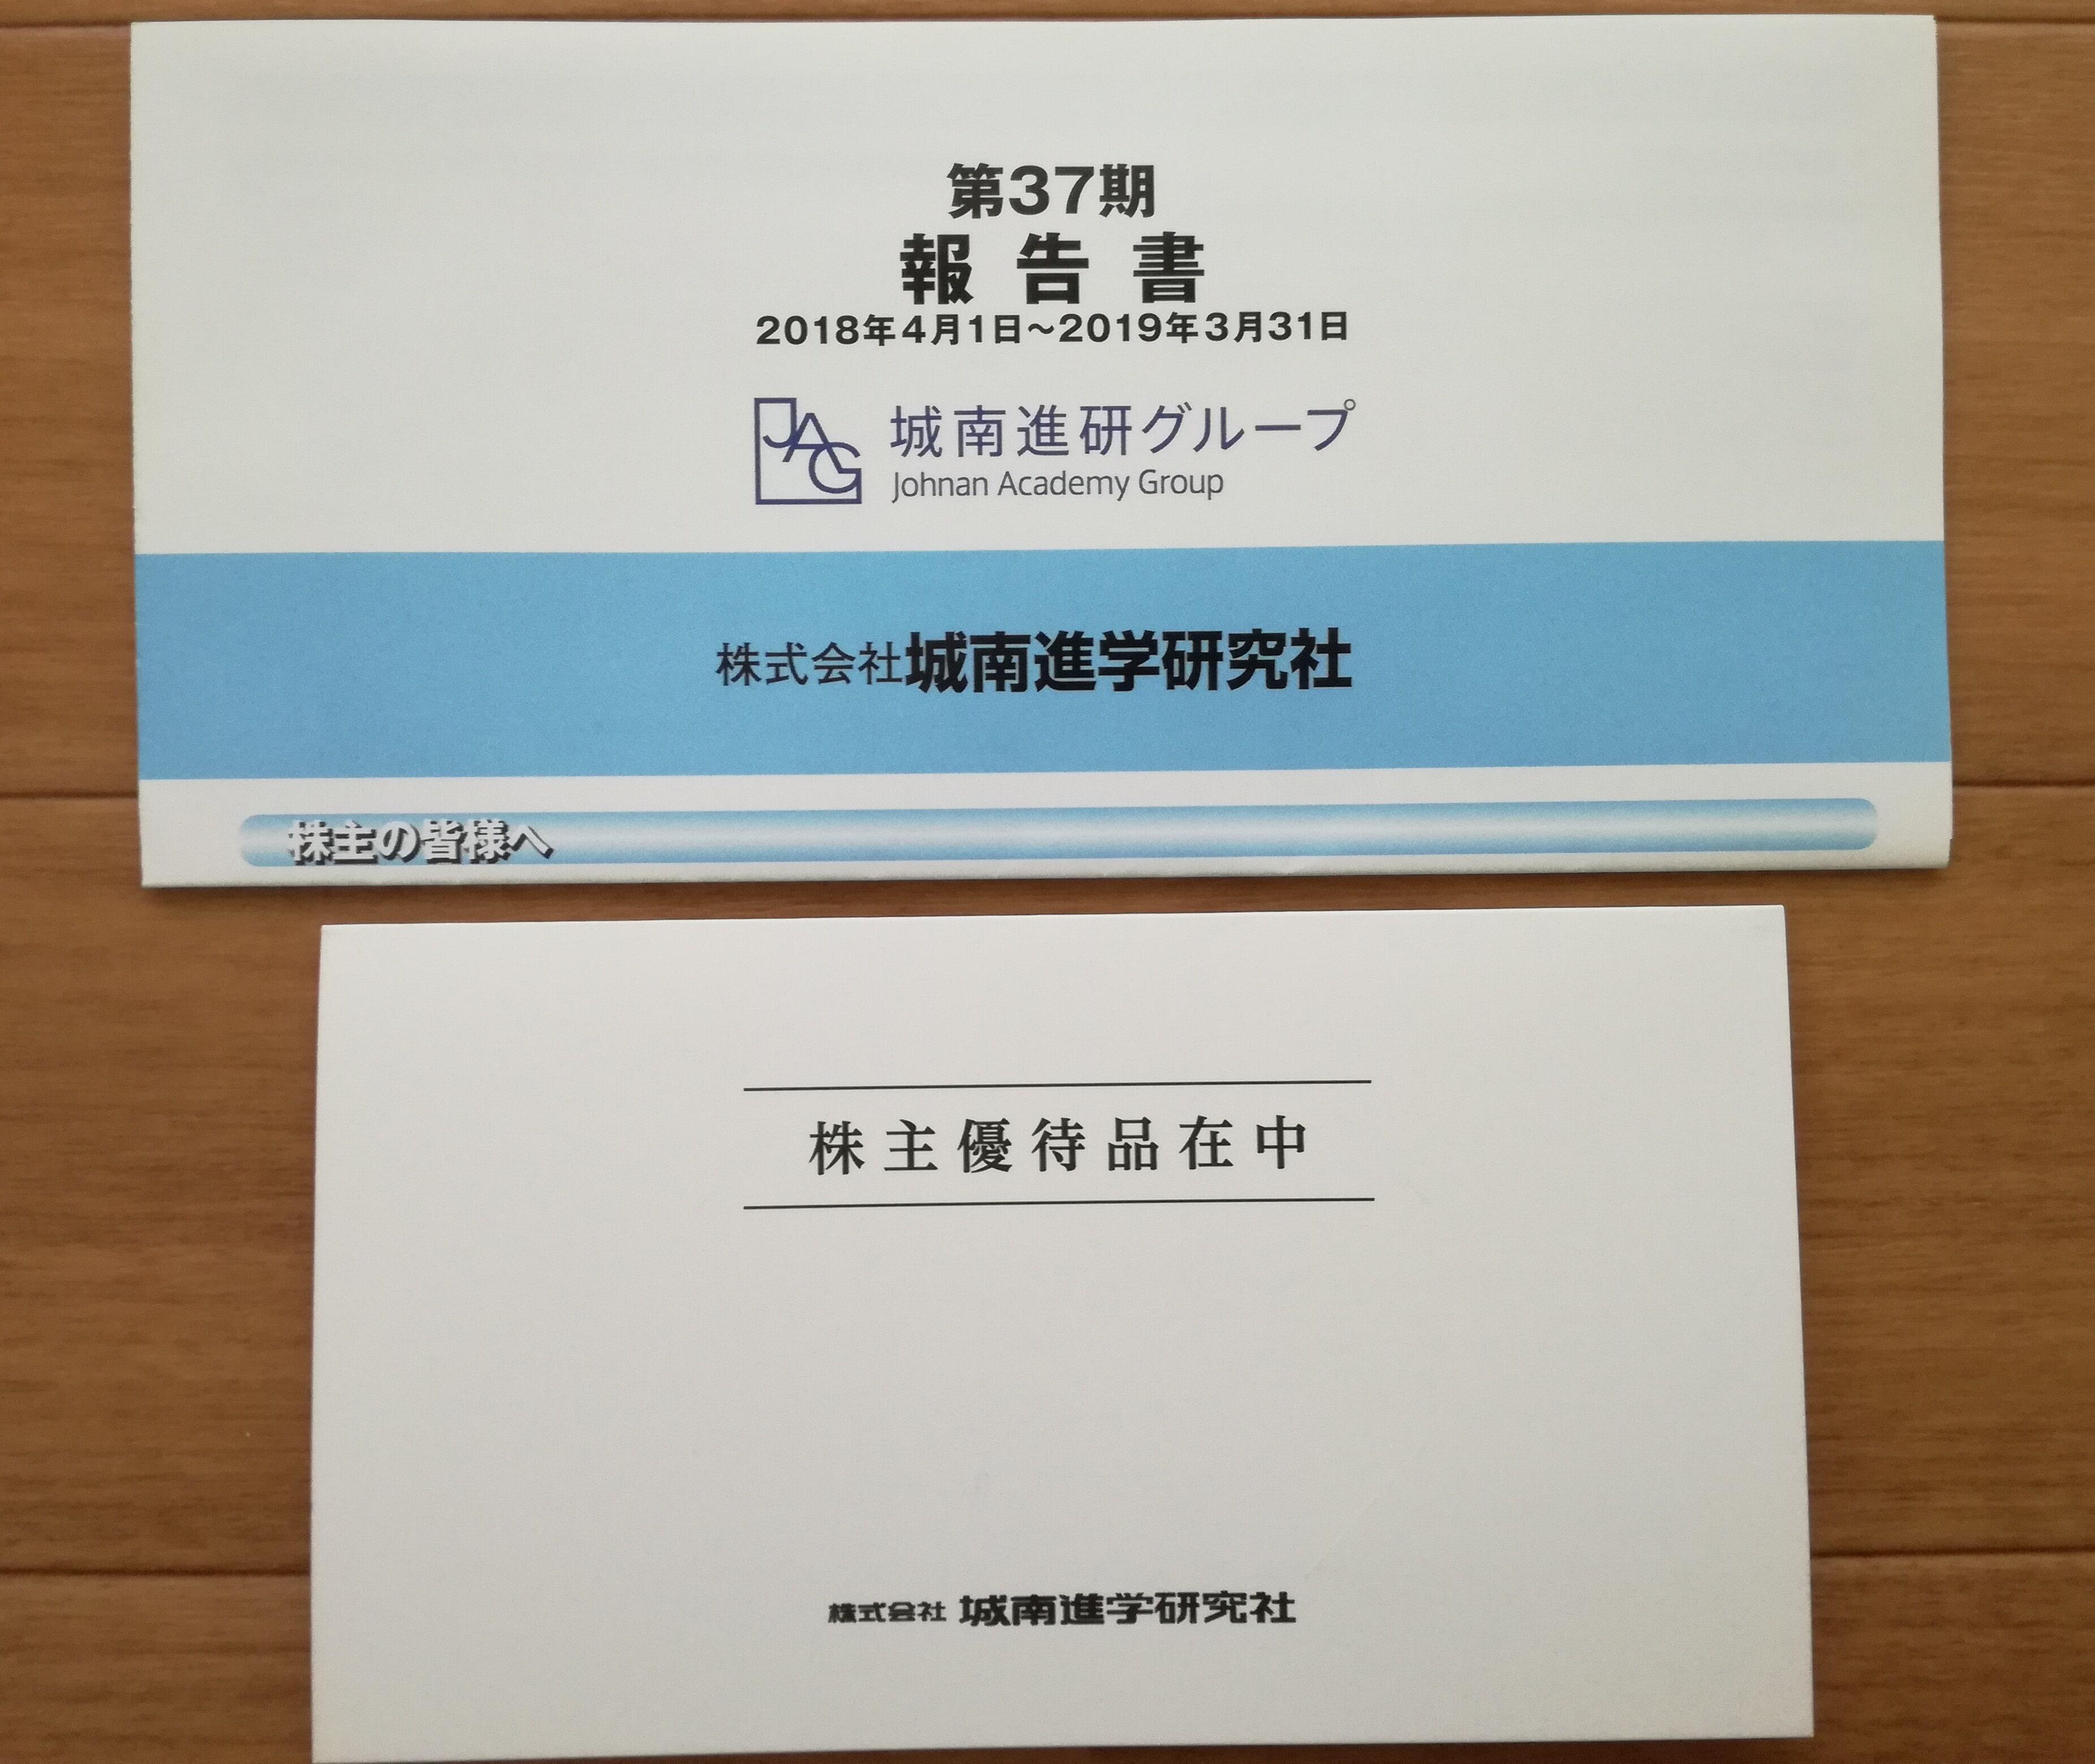 城南進学研究社(4720)から株主優待クオカード500円が到着!株主優待は年2回のクオカードです!